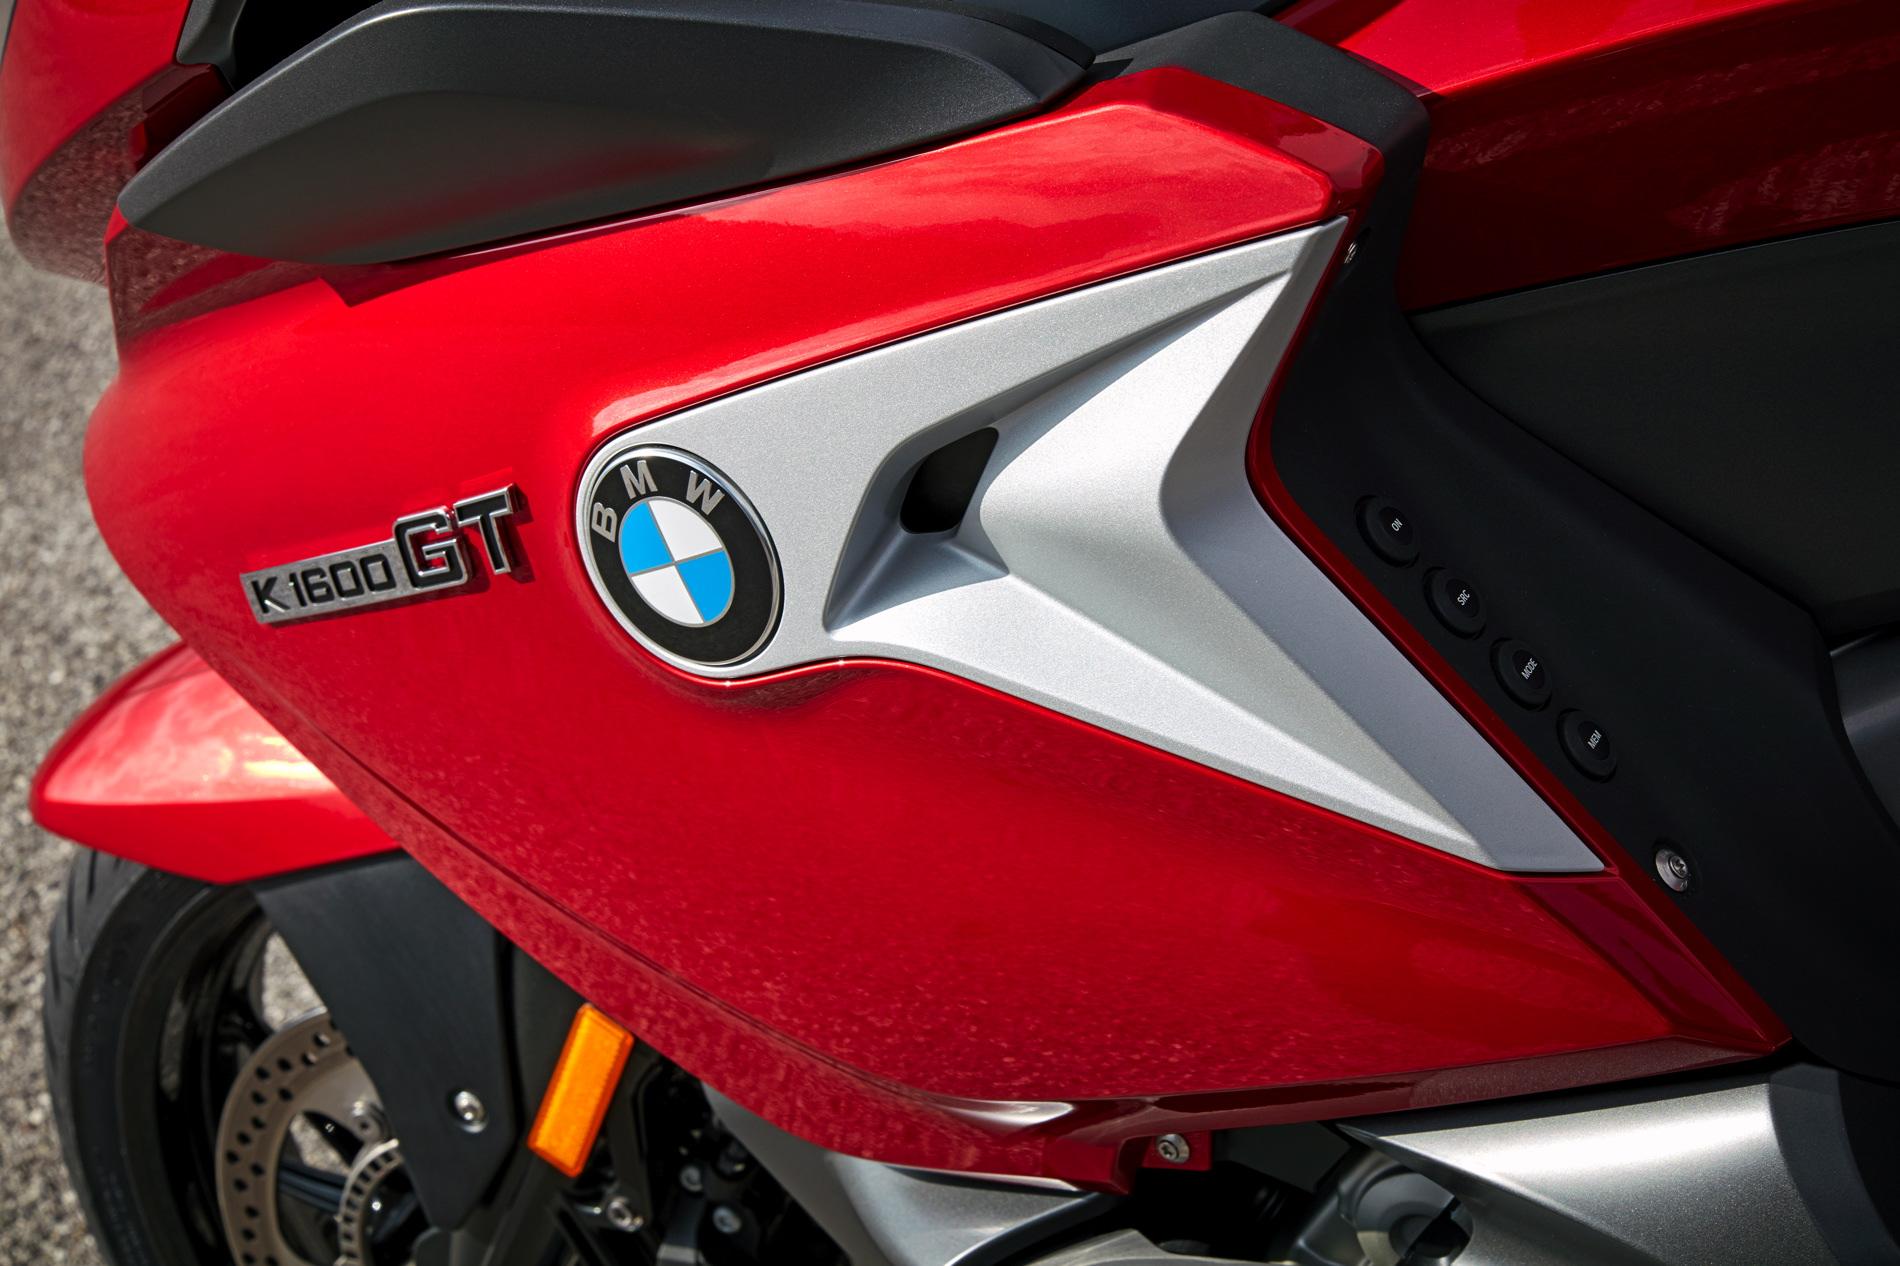 2017 BMW K 1600 GT 11